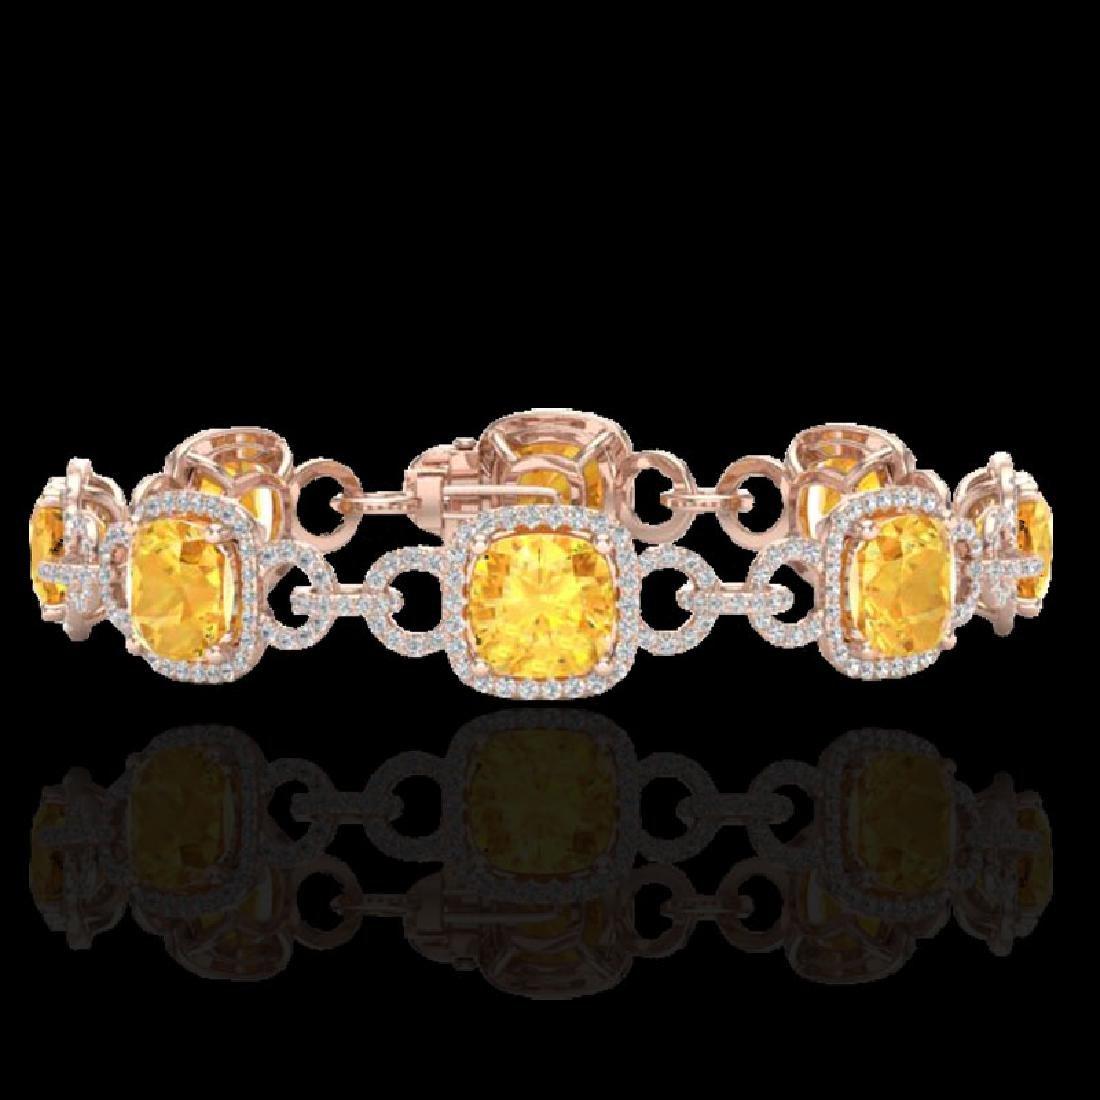 30 CTW Citrine & Micro VS/SI Diamond Bracelet 14K Rose